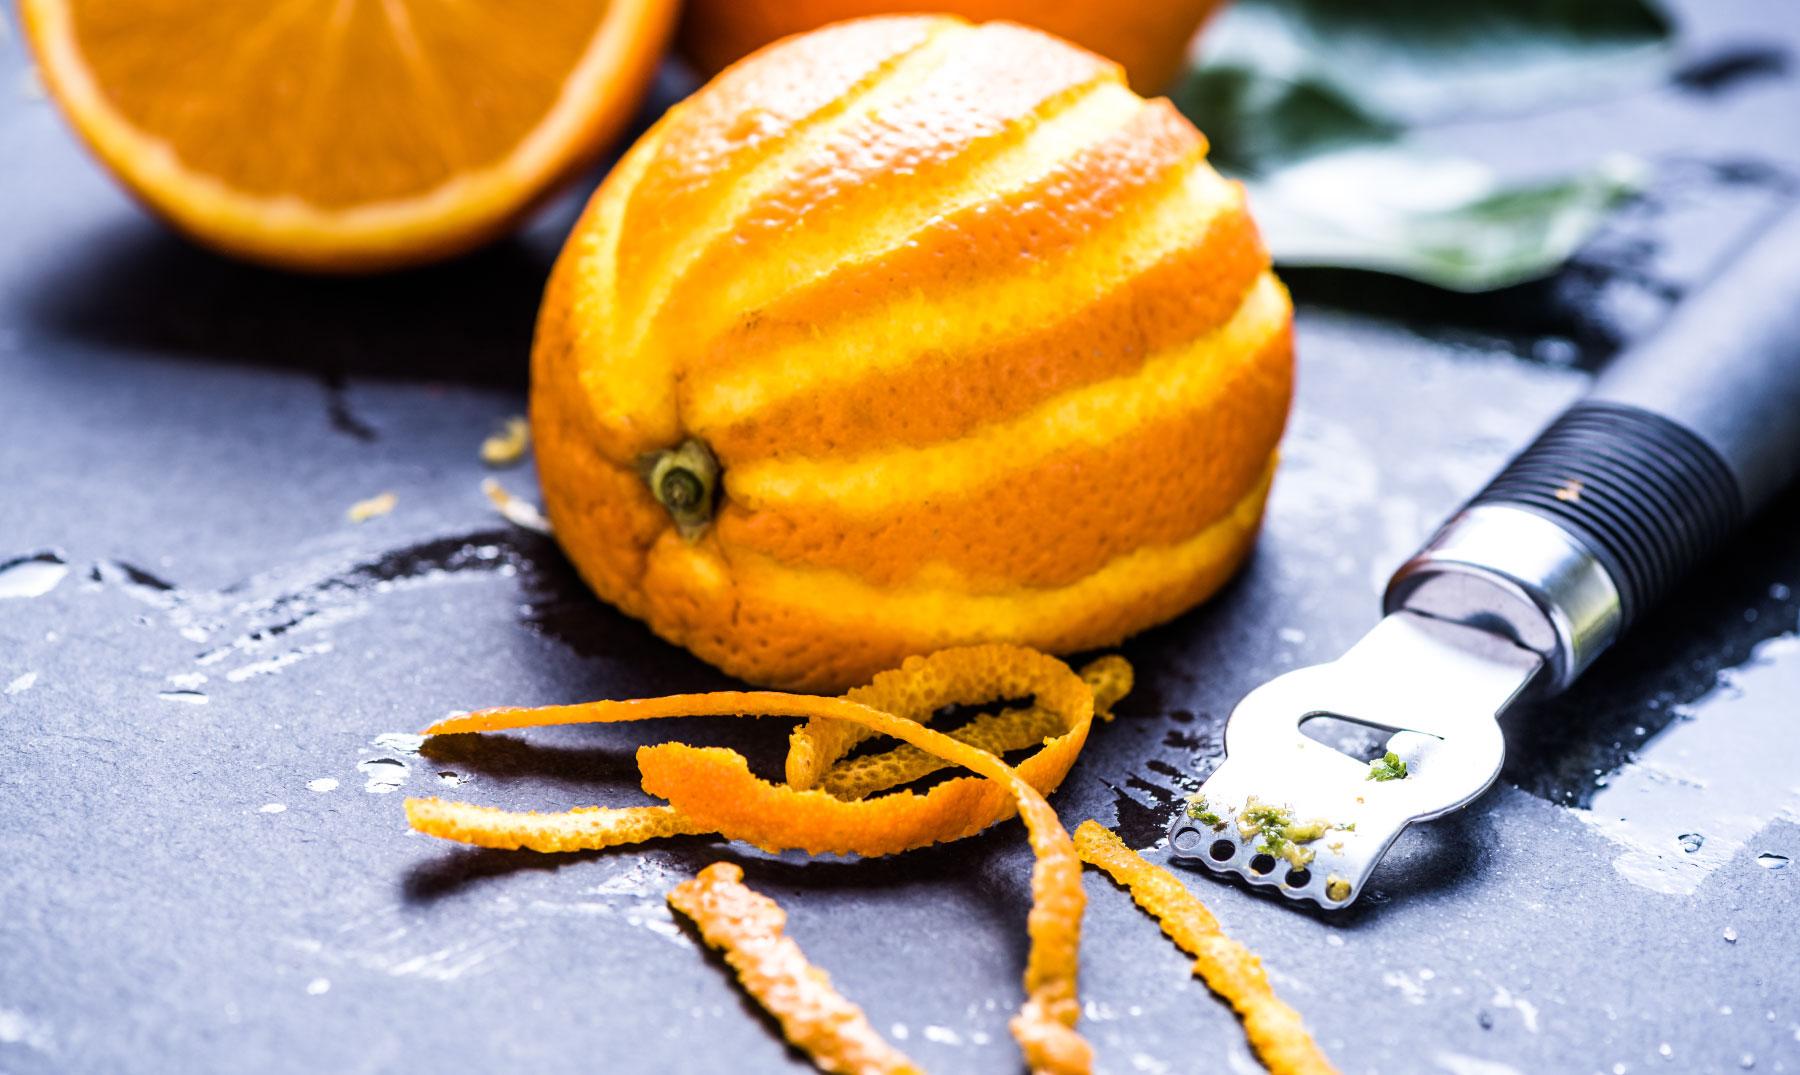 Cáscara de naranja para bajar de peso: He aquí por qué puede usar la corteza de naranja para quemar grasa